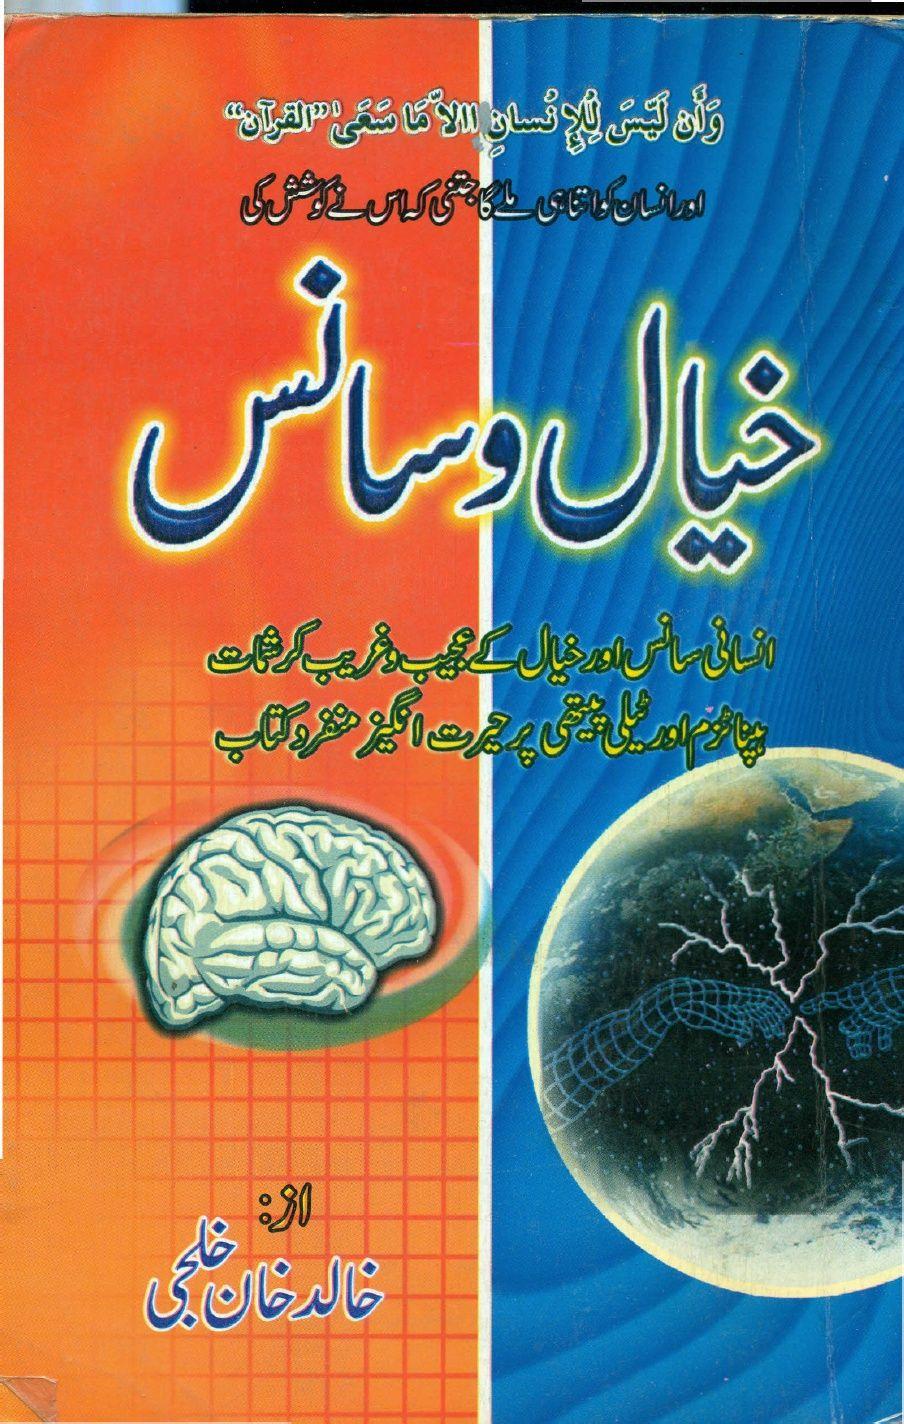 Khyaal o Saans Urdu book on Telepathy by Khalid Khan